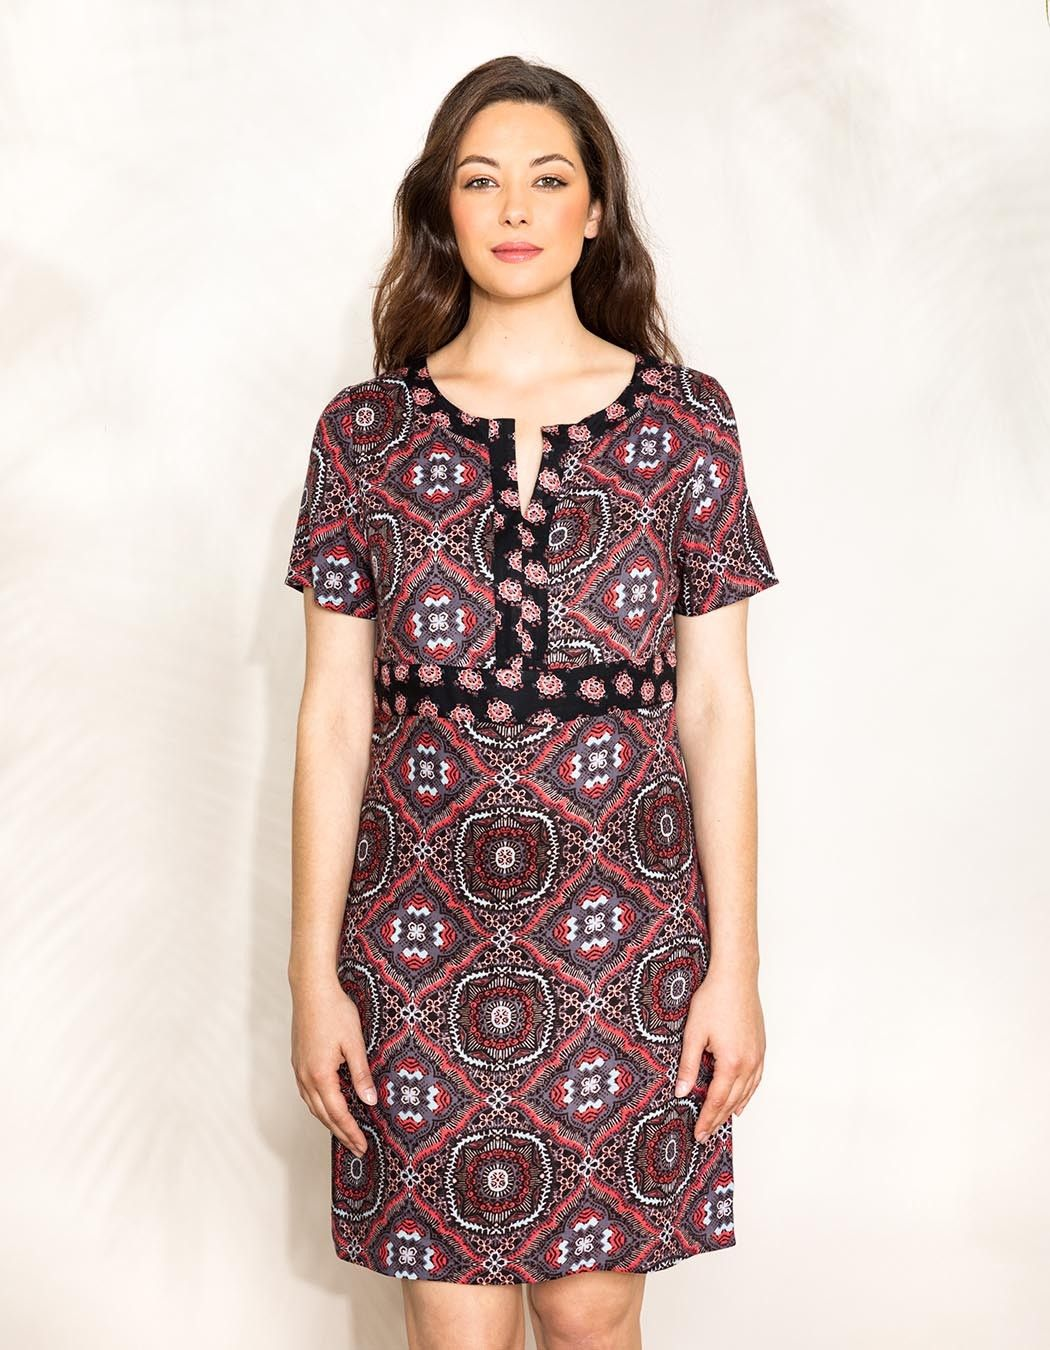 Mékong La Col Robes Madela Couture Robe Du Fiancée Tunisien nq6xZWZd7v